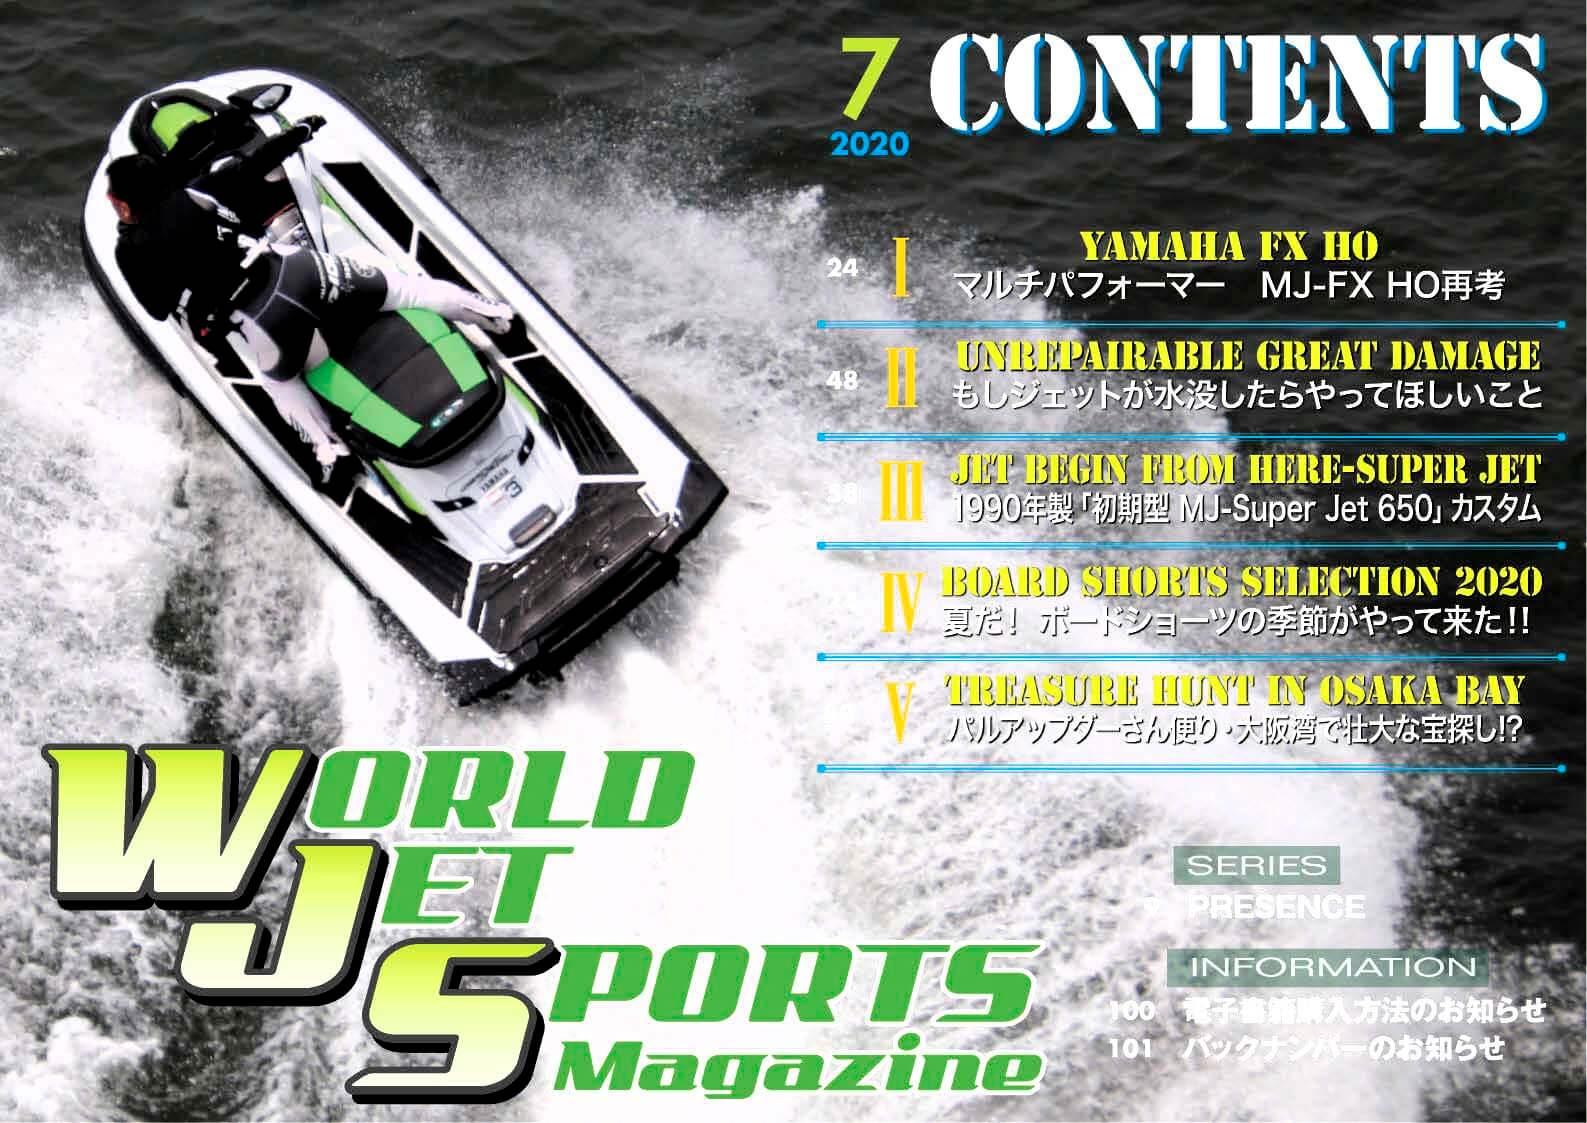 ワールドジェットスポーツマガジン「2020年7月号」 渾身の104ページ、まるごと1冊無料公開中 ジェットスキー(水上バイク)